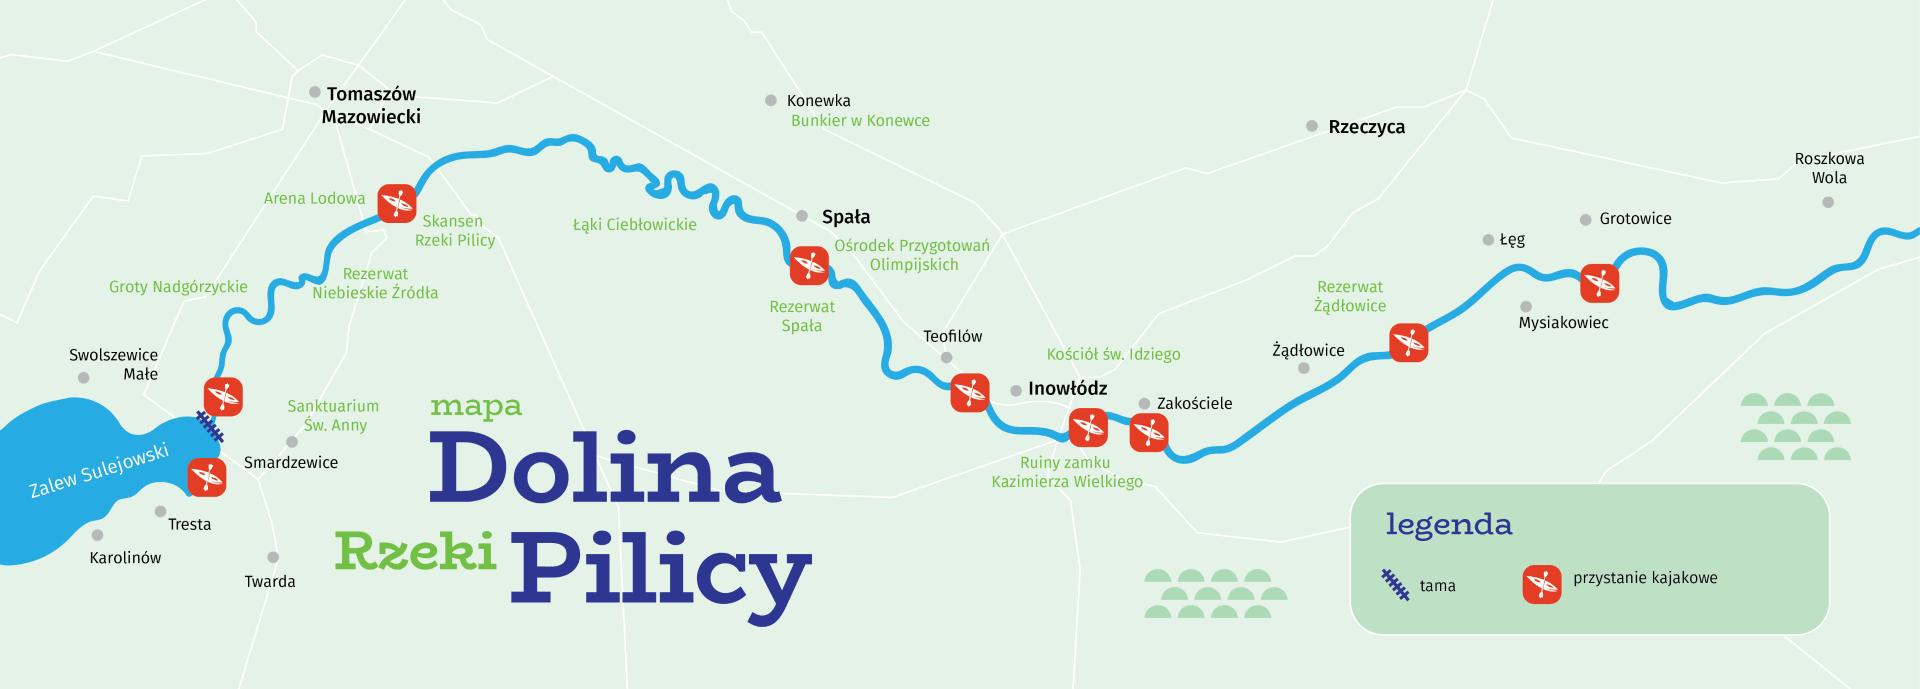 Mapa szlaku doliny rzeki Pilicy